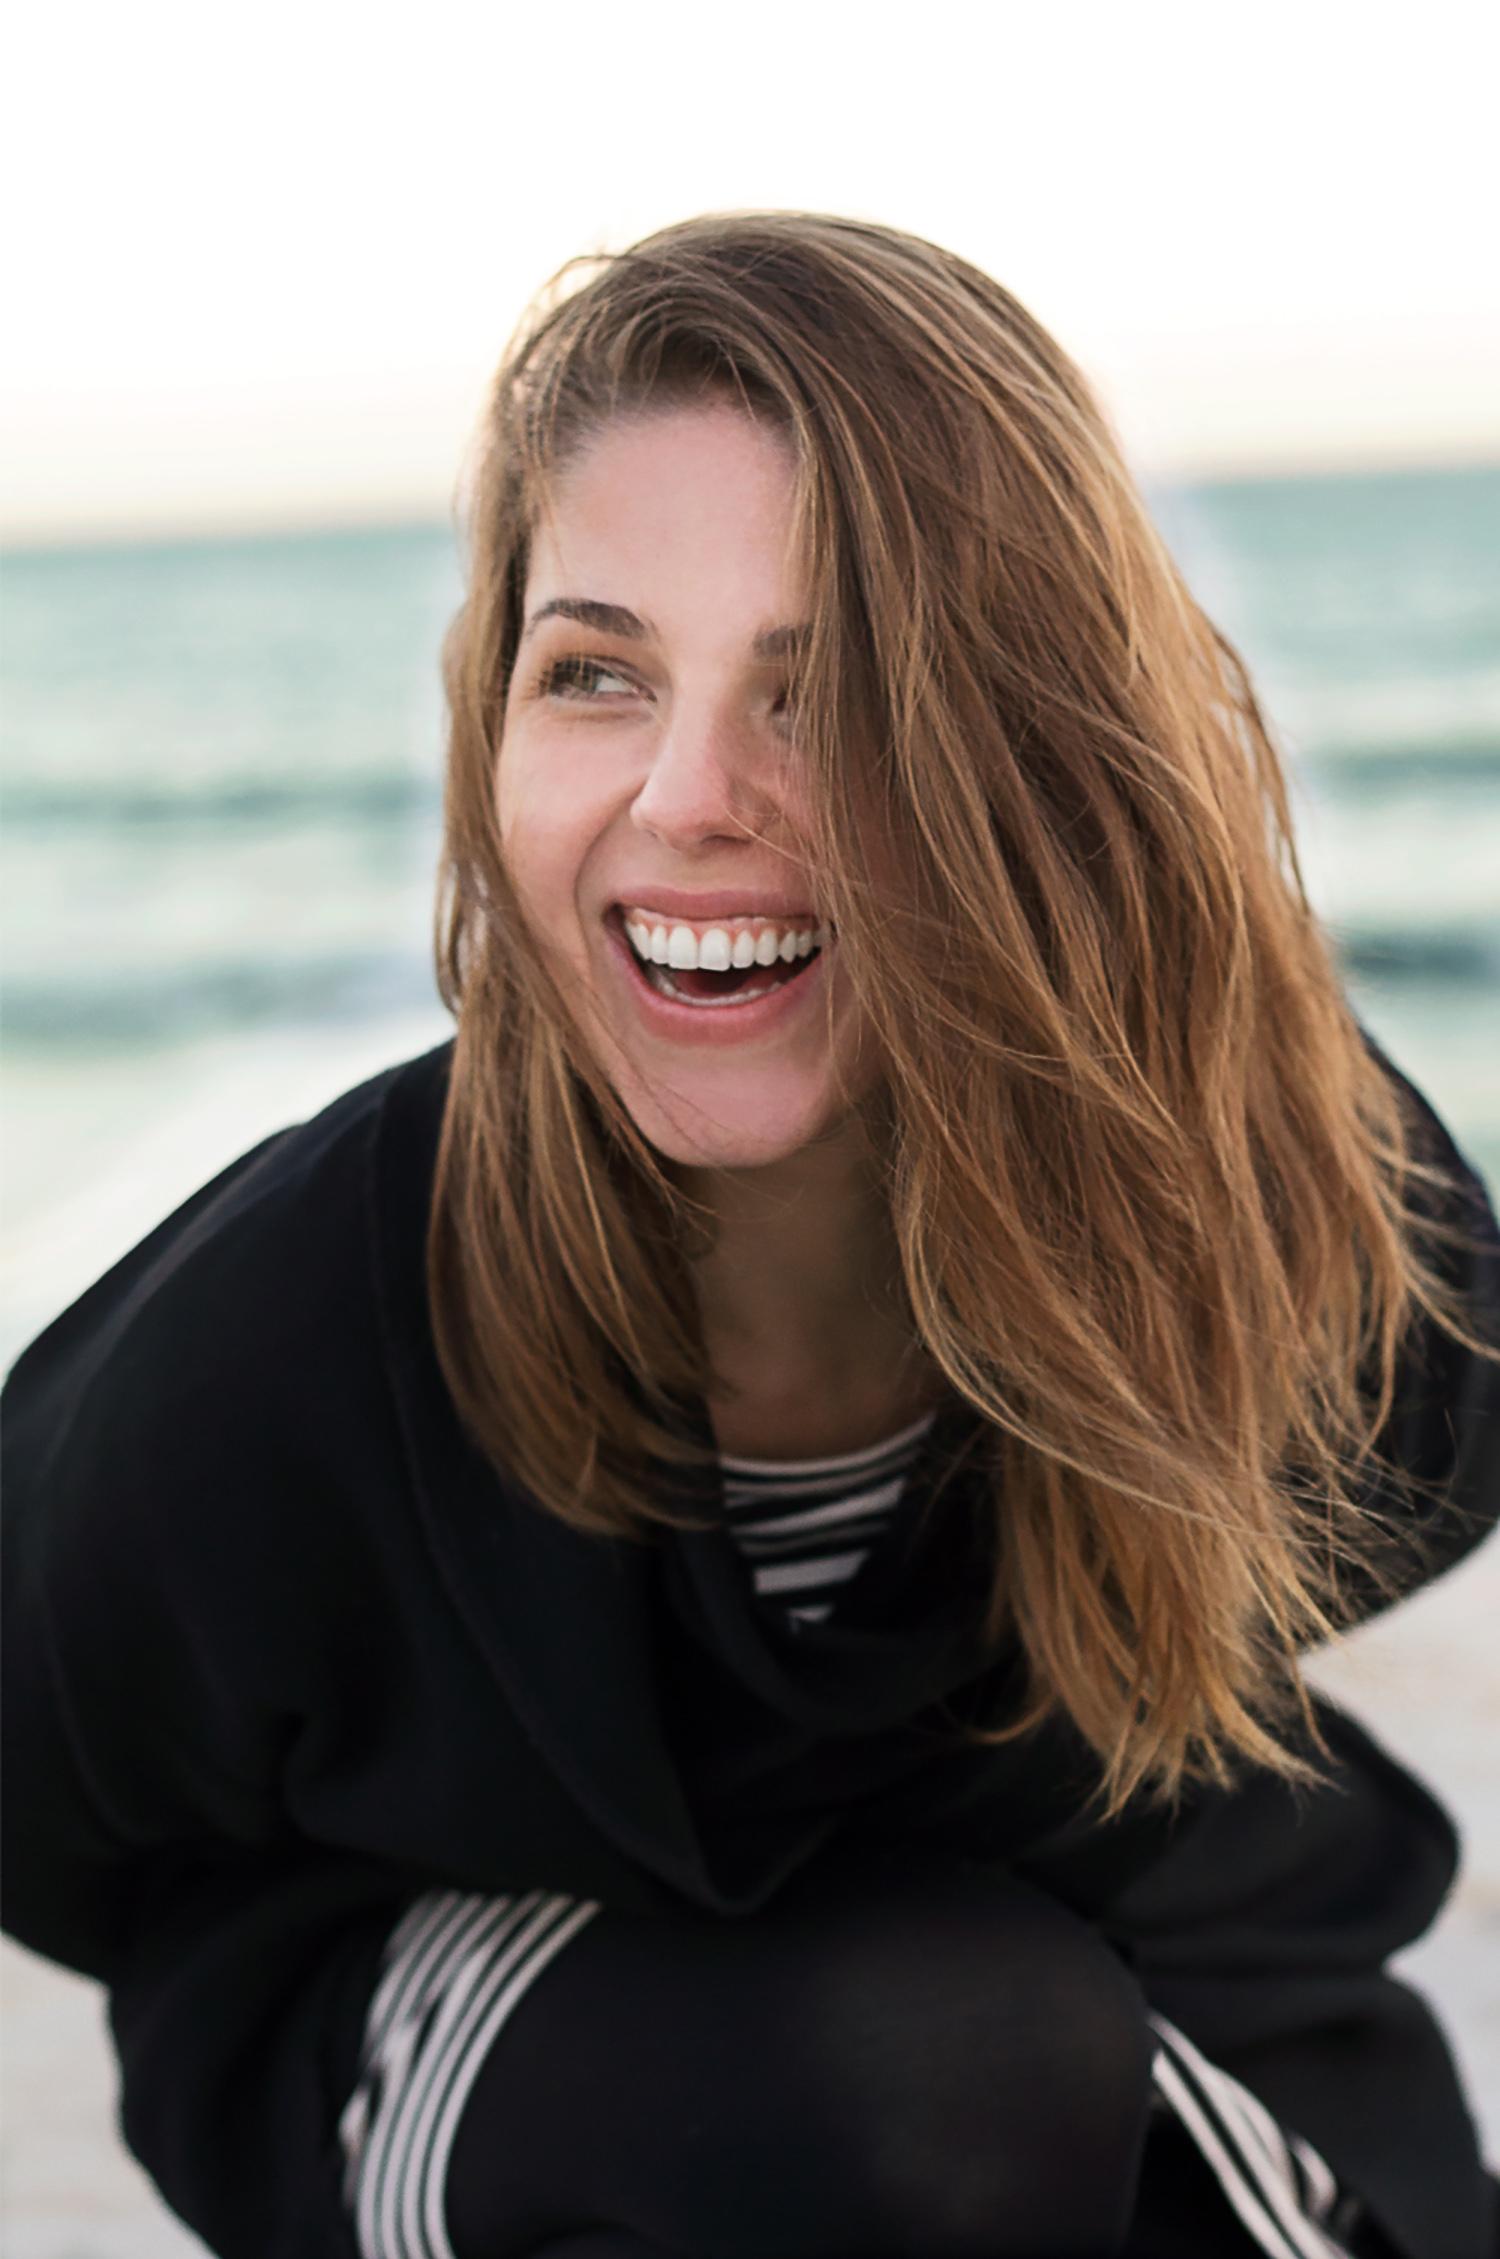 Isabella Franceschi